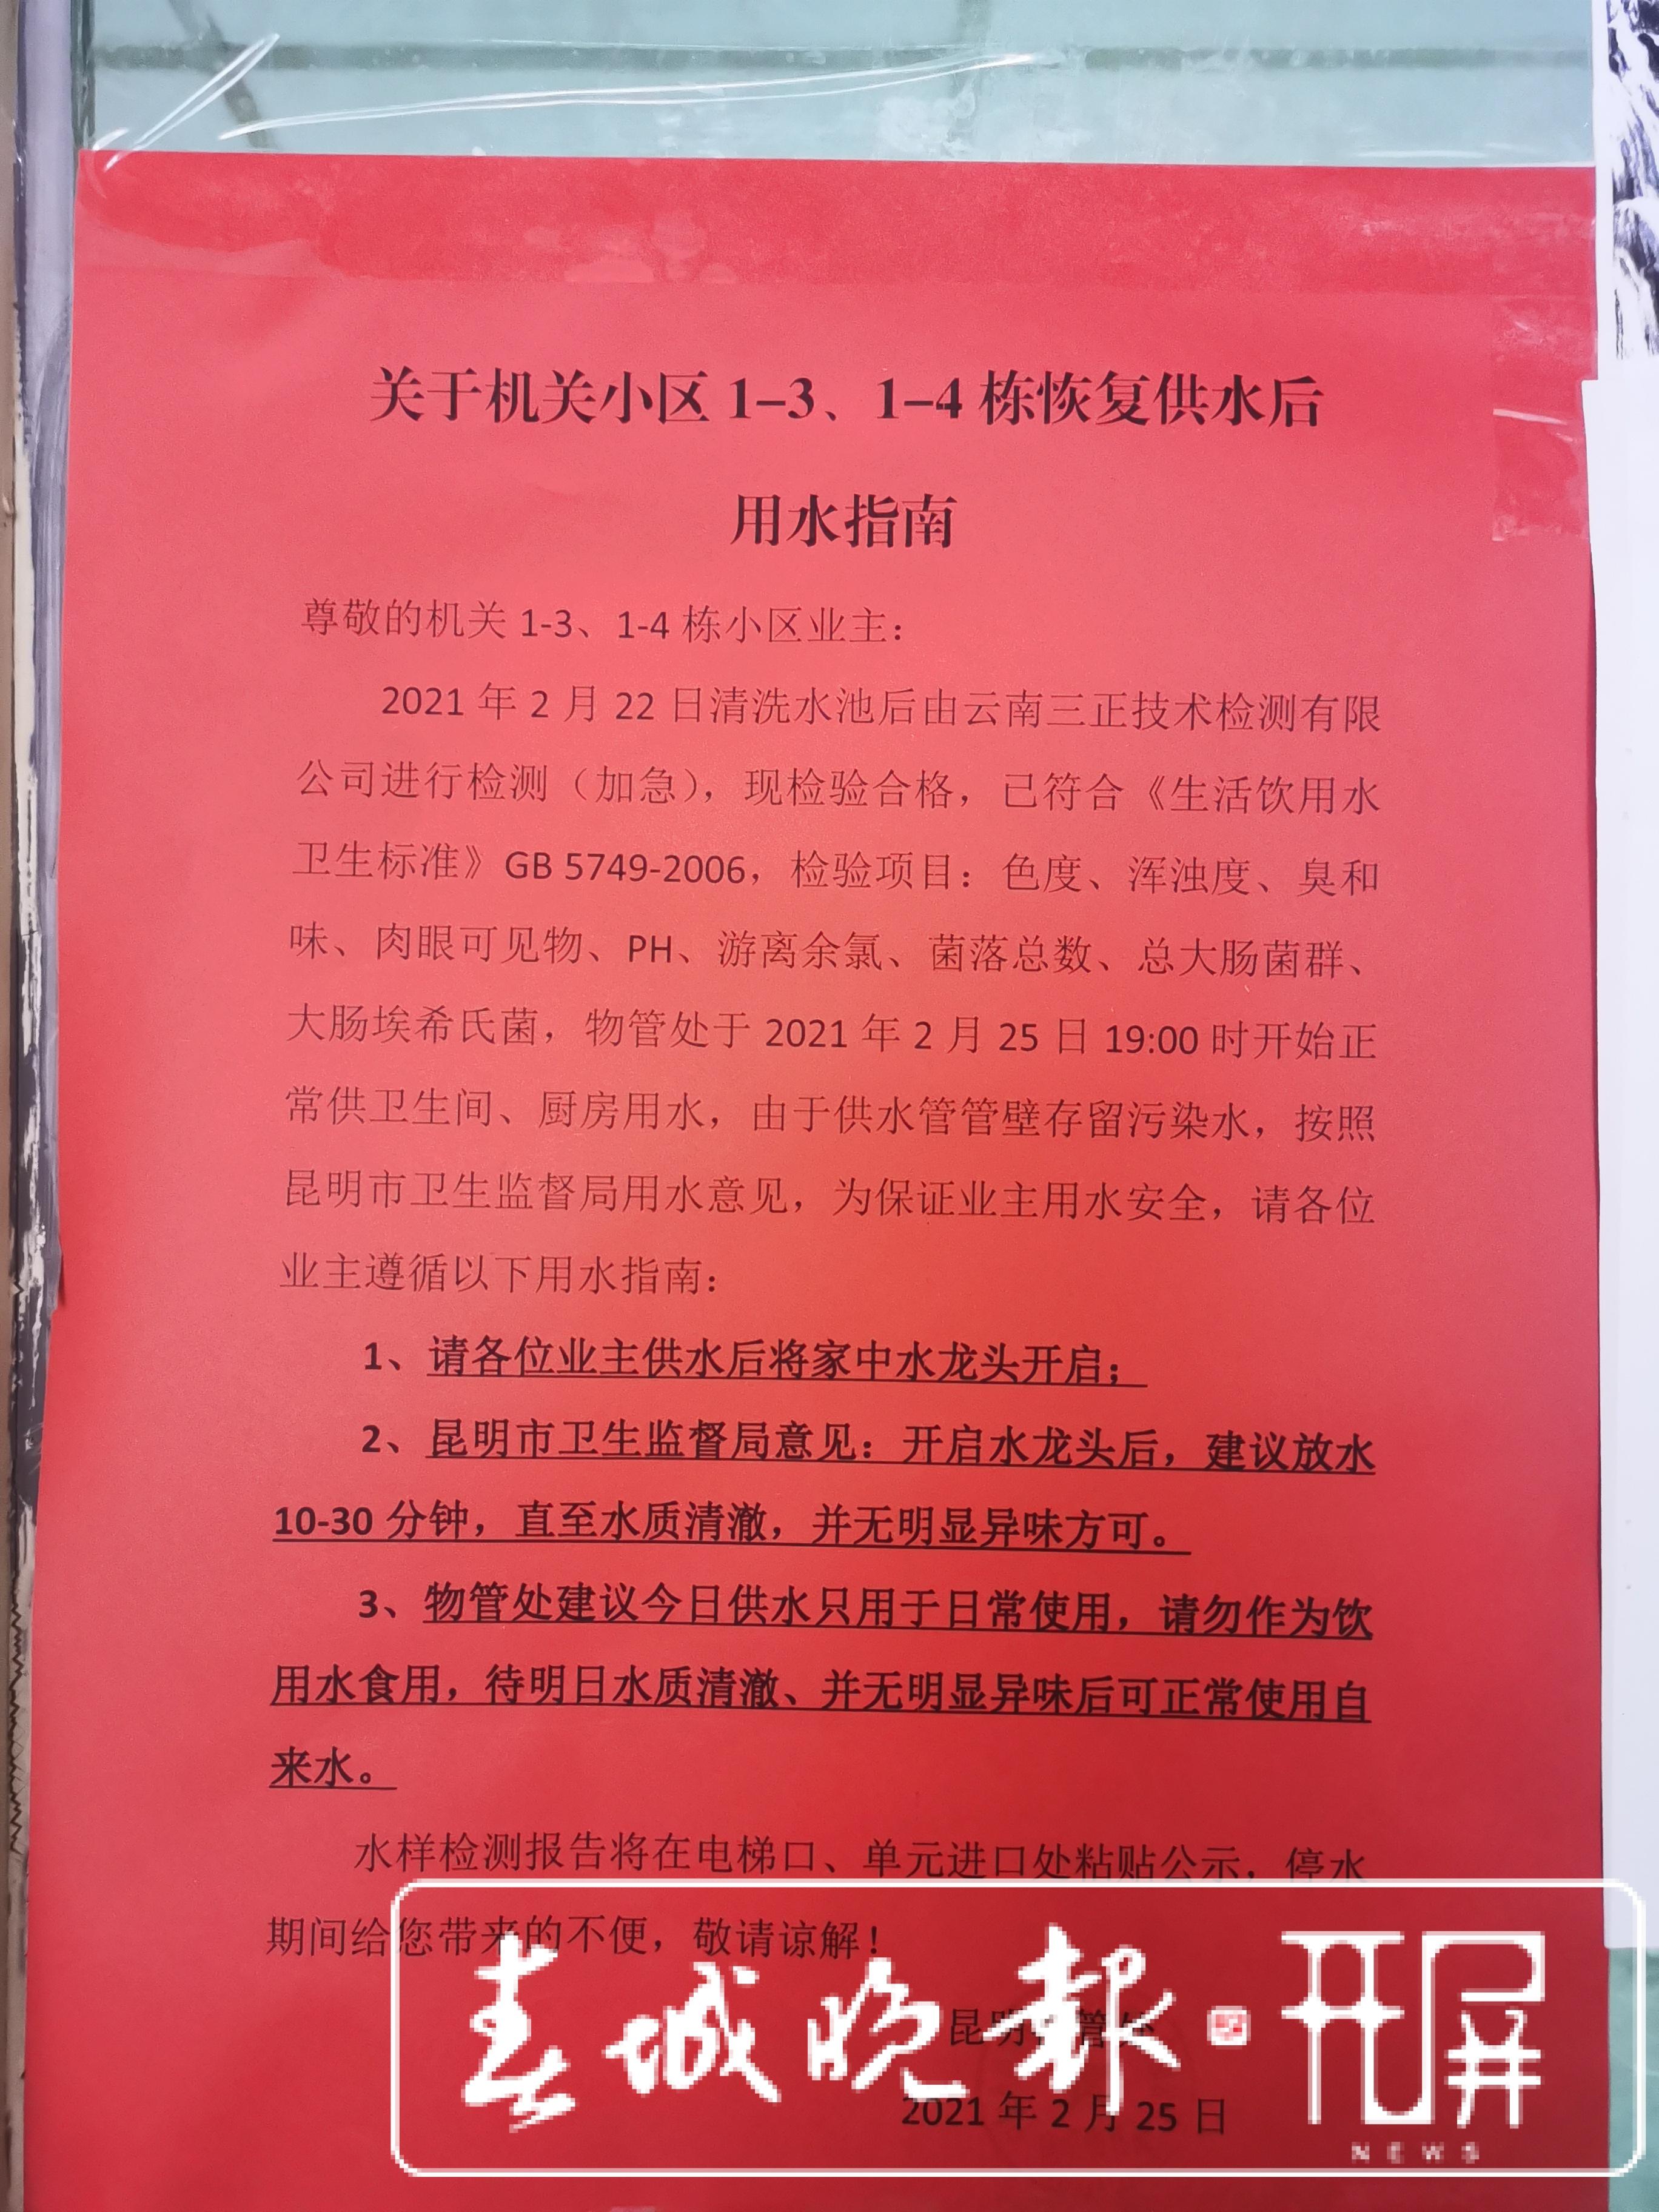 """蓄水池遭污染引居民""""怪病""""小区25日已恢复供水.jpg"""